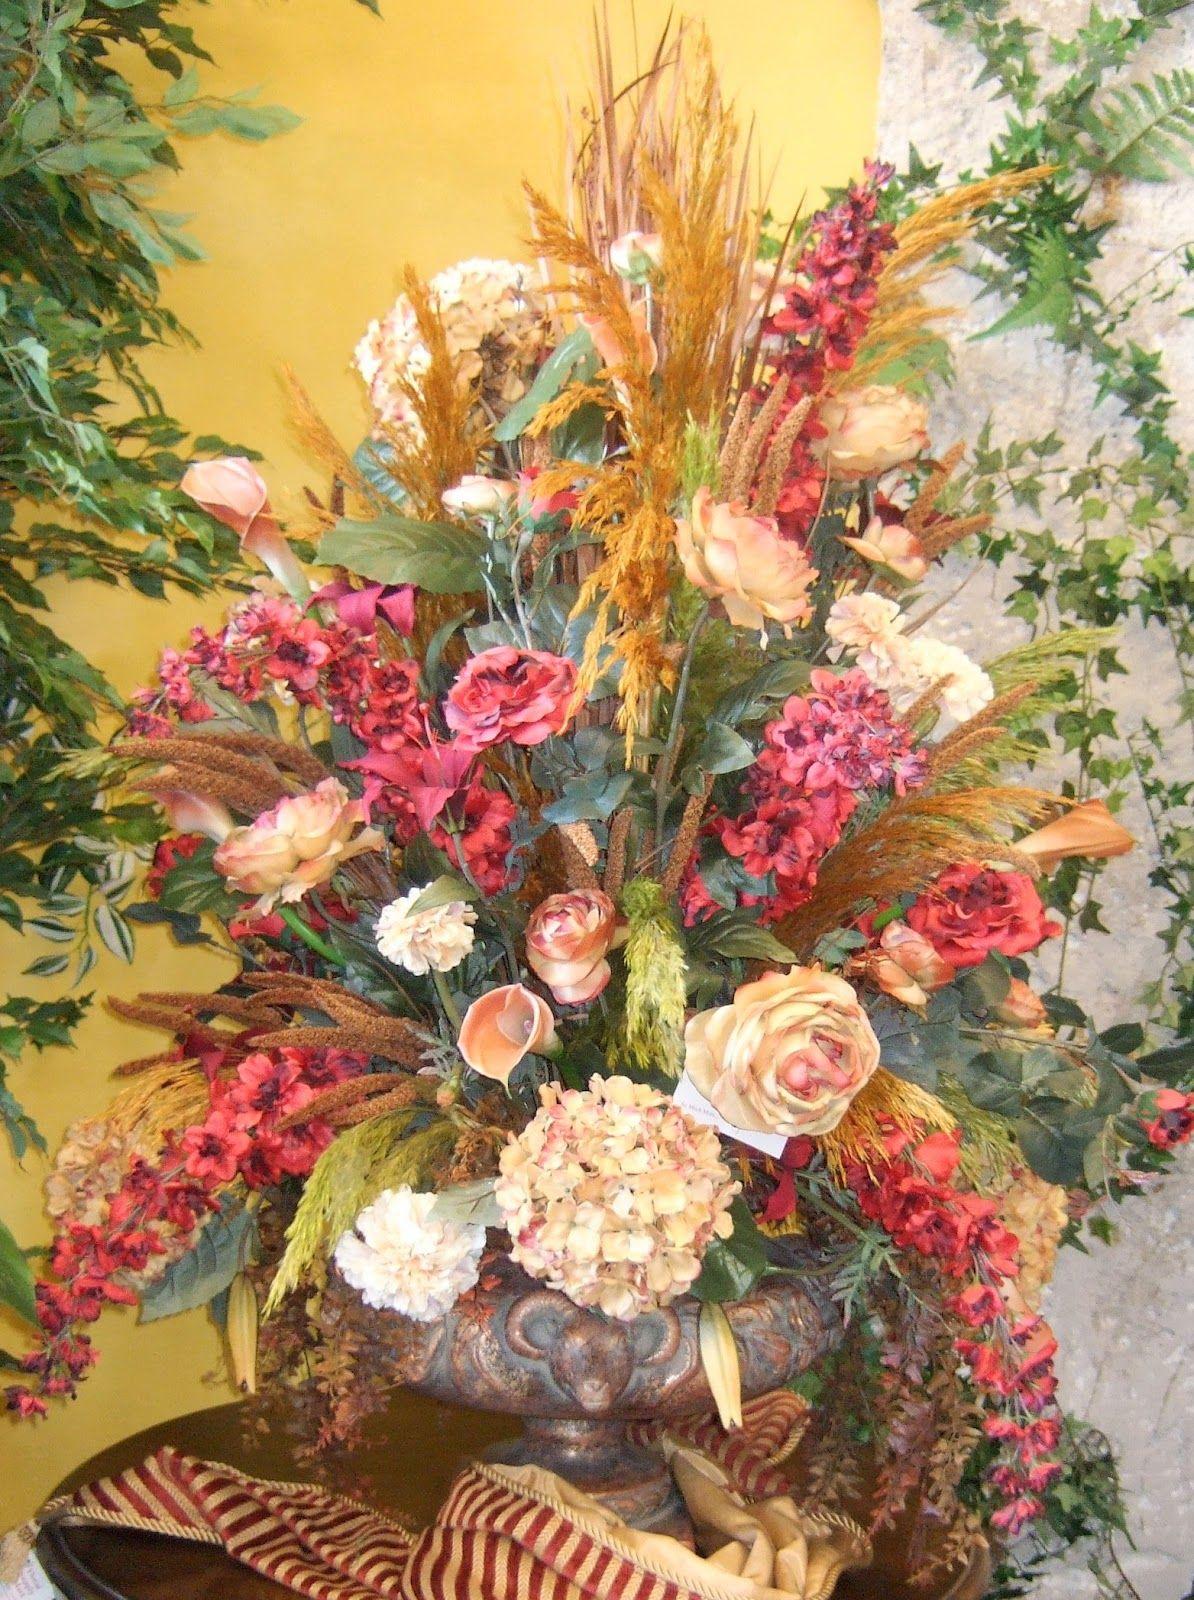 Artificial flower arrangements silk flowers pictures artificial flower arrangements silk flowers pictures inspirations silk flowers arrangements mightylinksfo